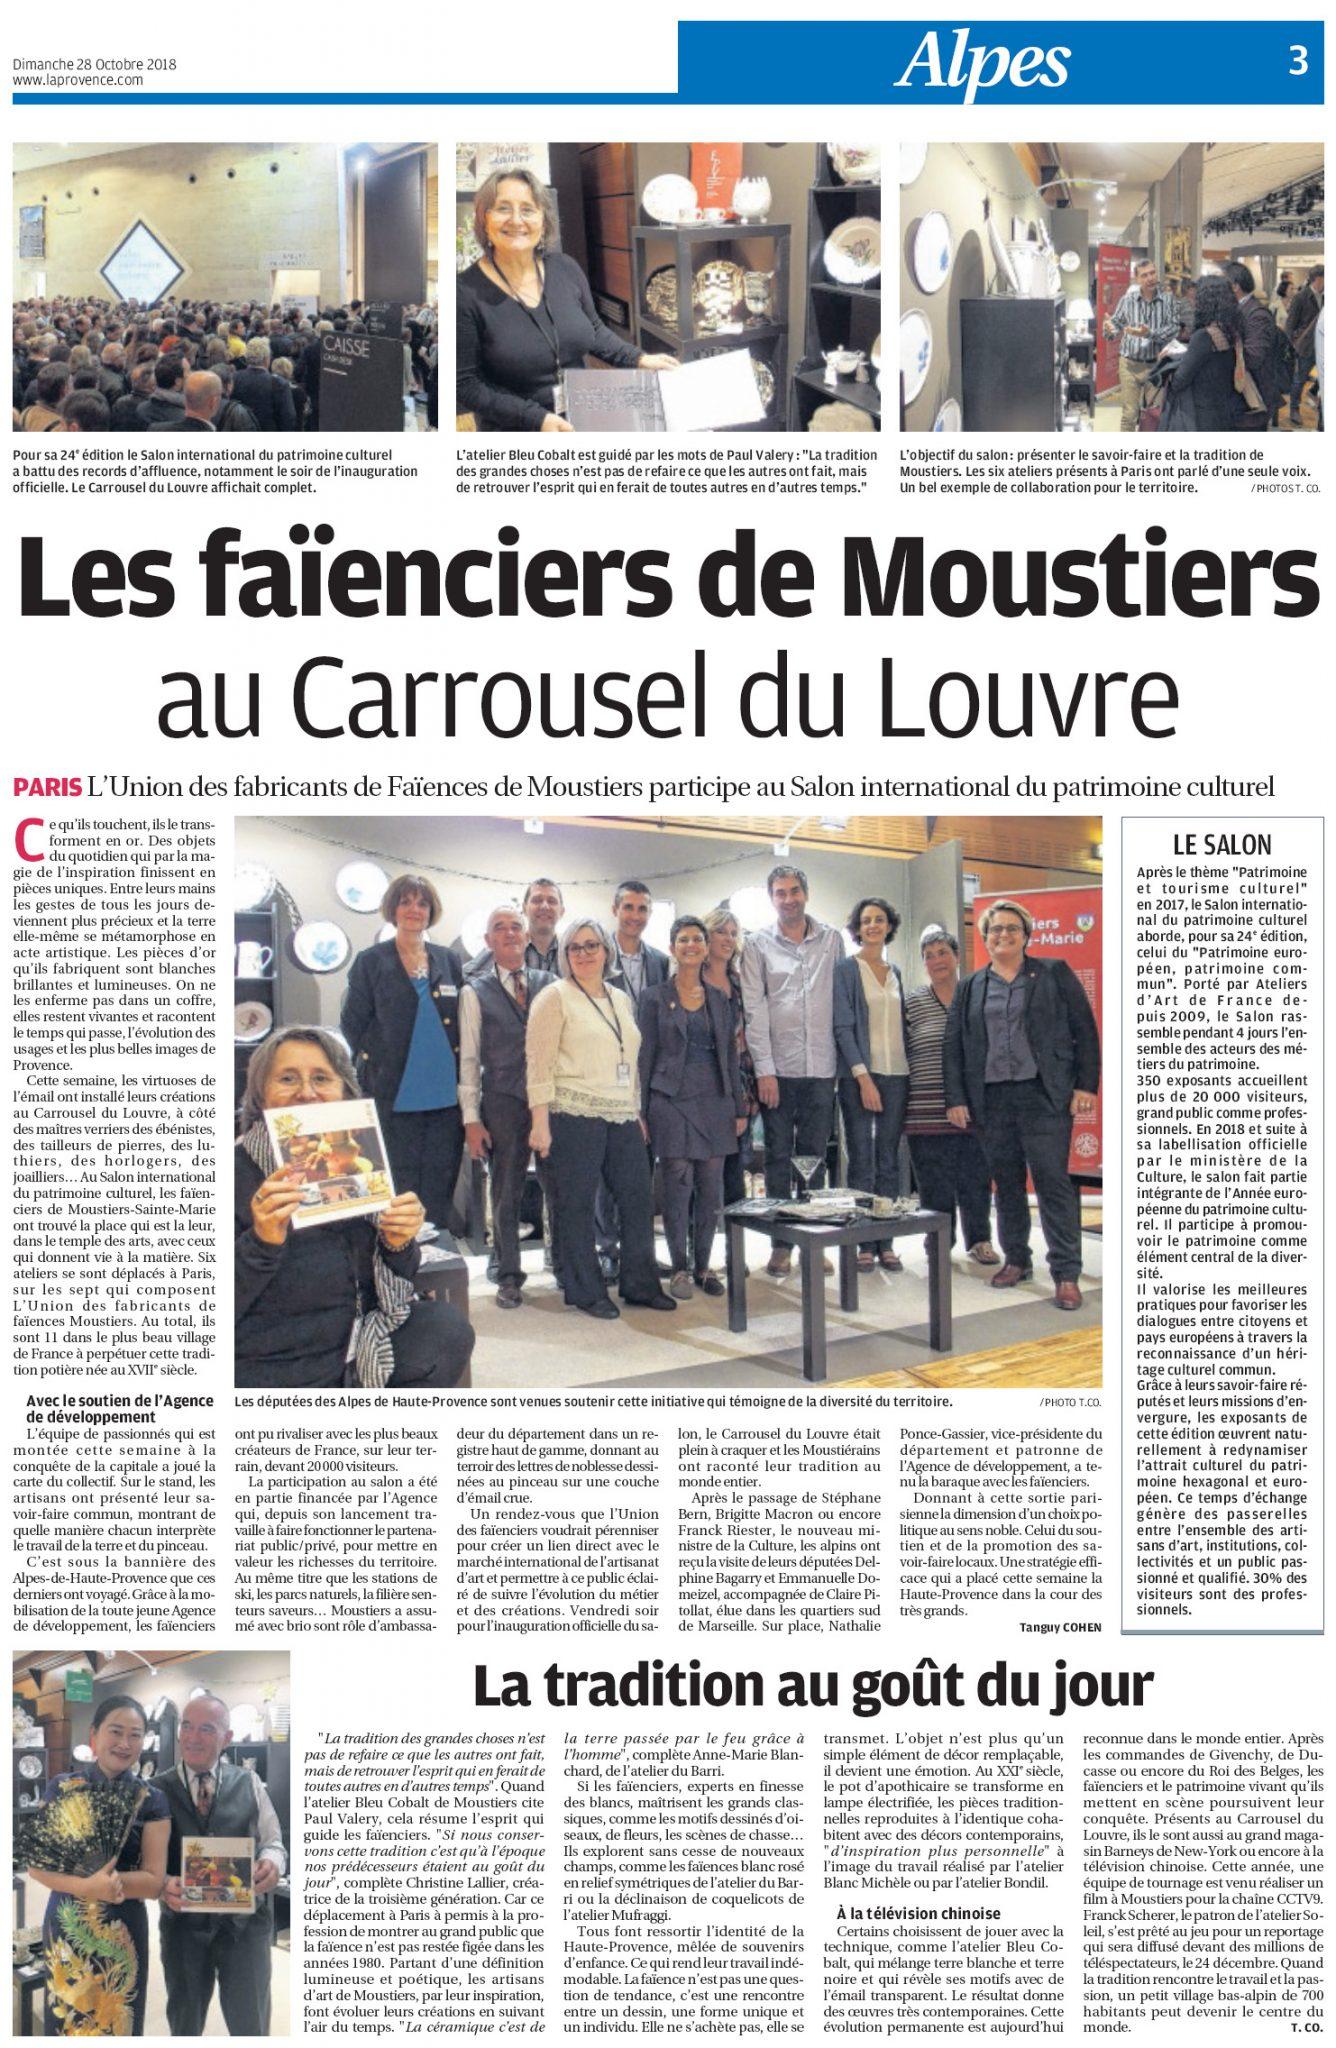 Les faïenciers de Moustiers au Carrousel du Louvre article de La Provence 28-10-2018